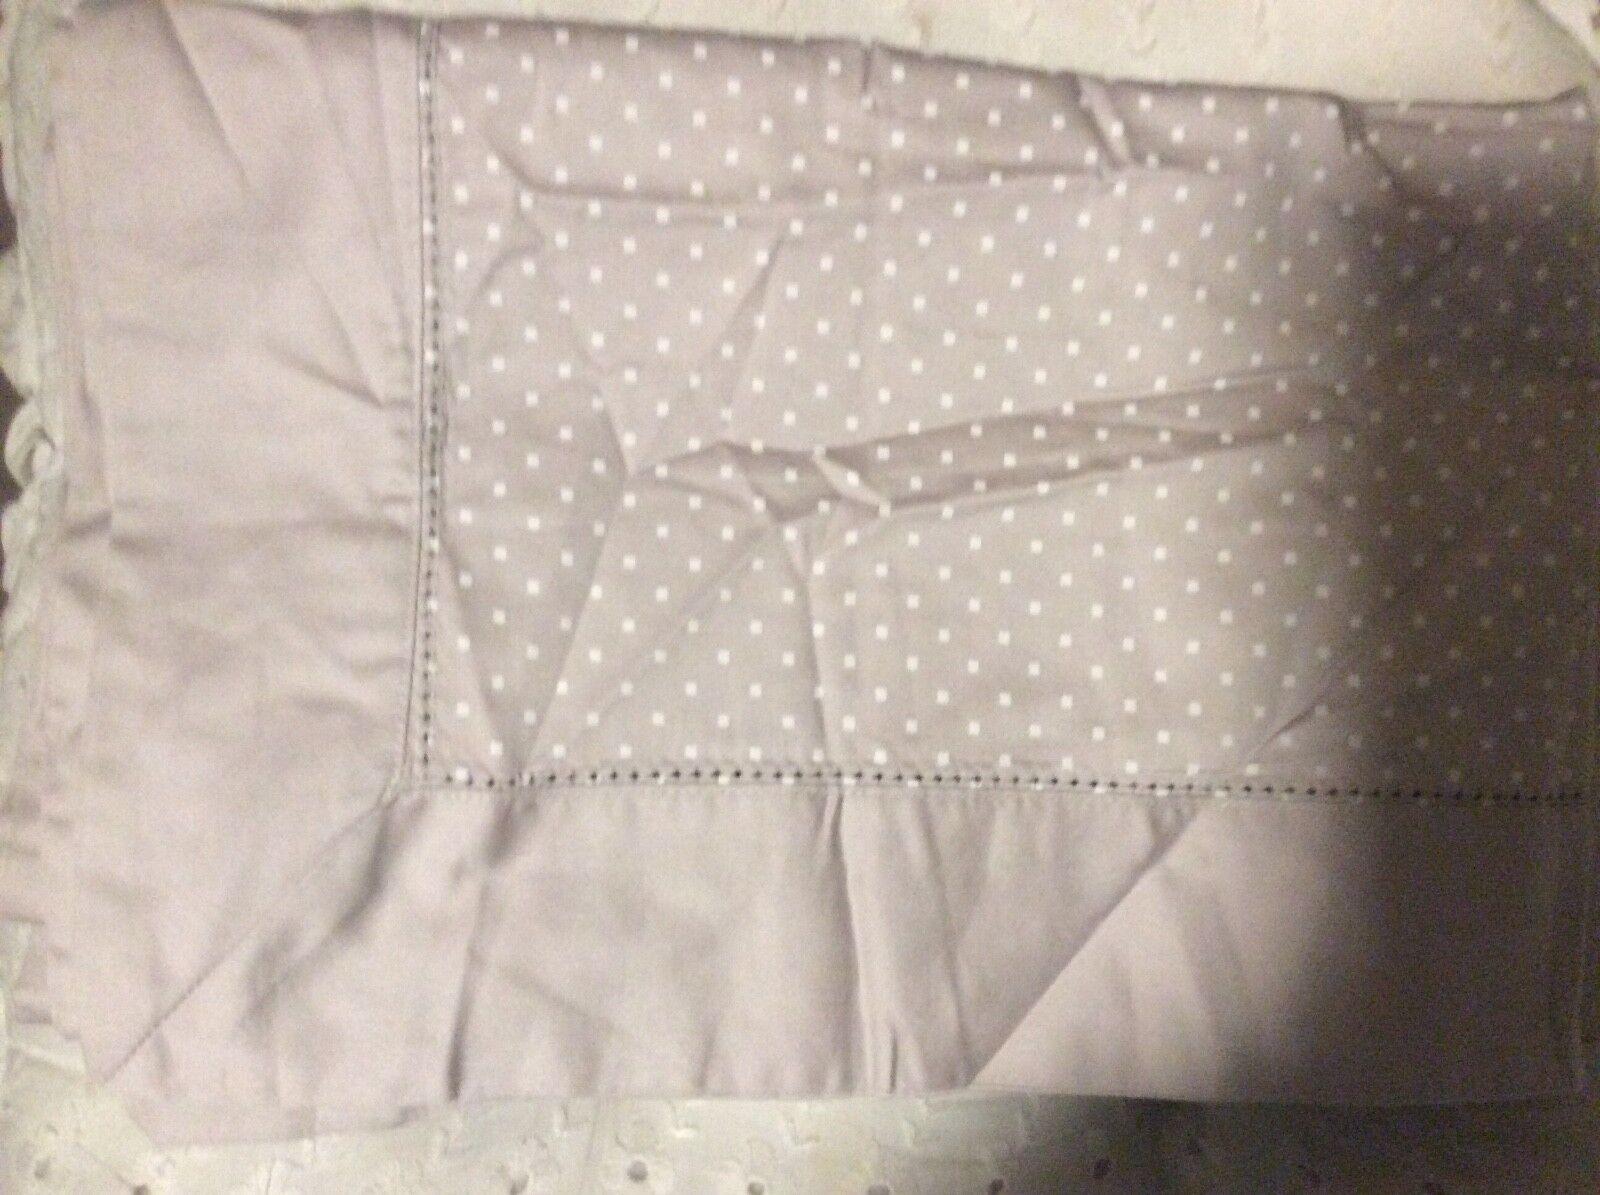 Charisma pillowtex Lexington dot  Queen Duvet Cover with( 1) pillow sham